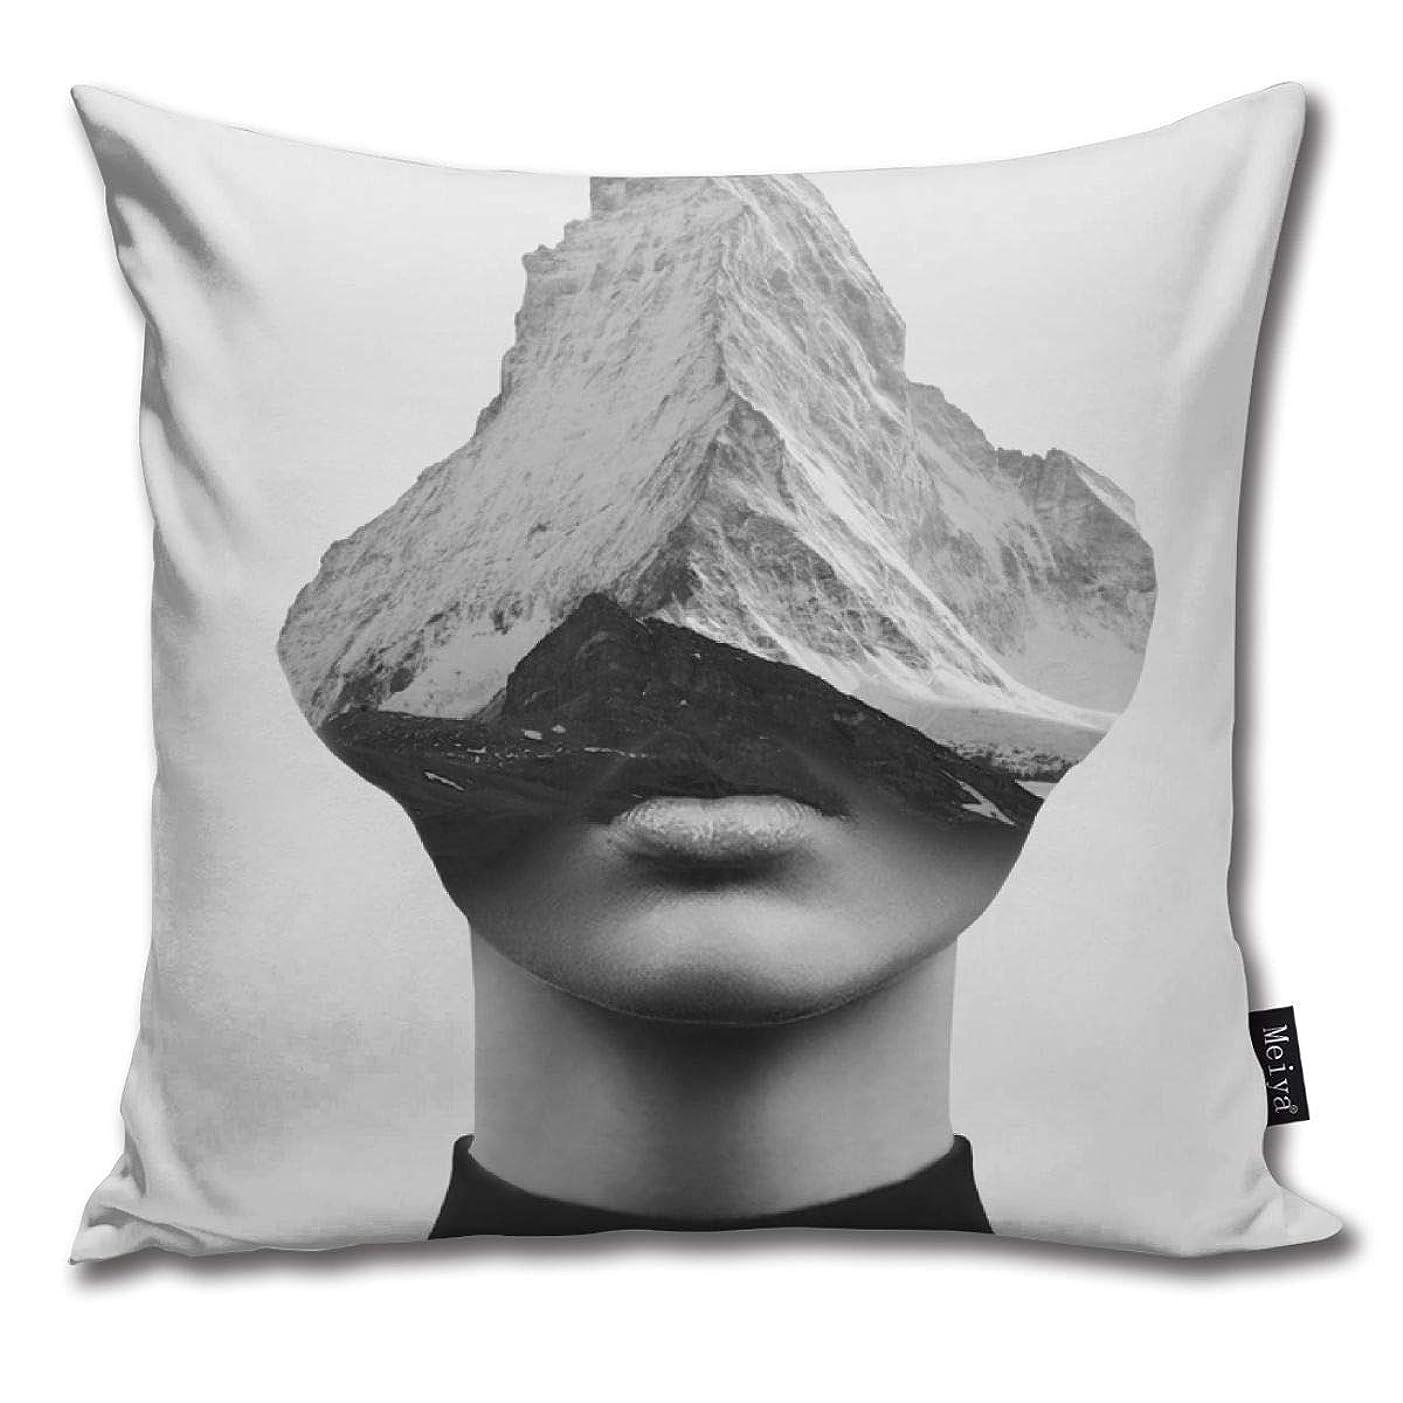 洞窟放射する一定枕インナー強度装飾枕カバーソファとソファ用クッションカバー45x45 cm